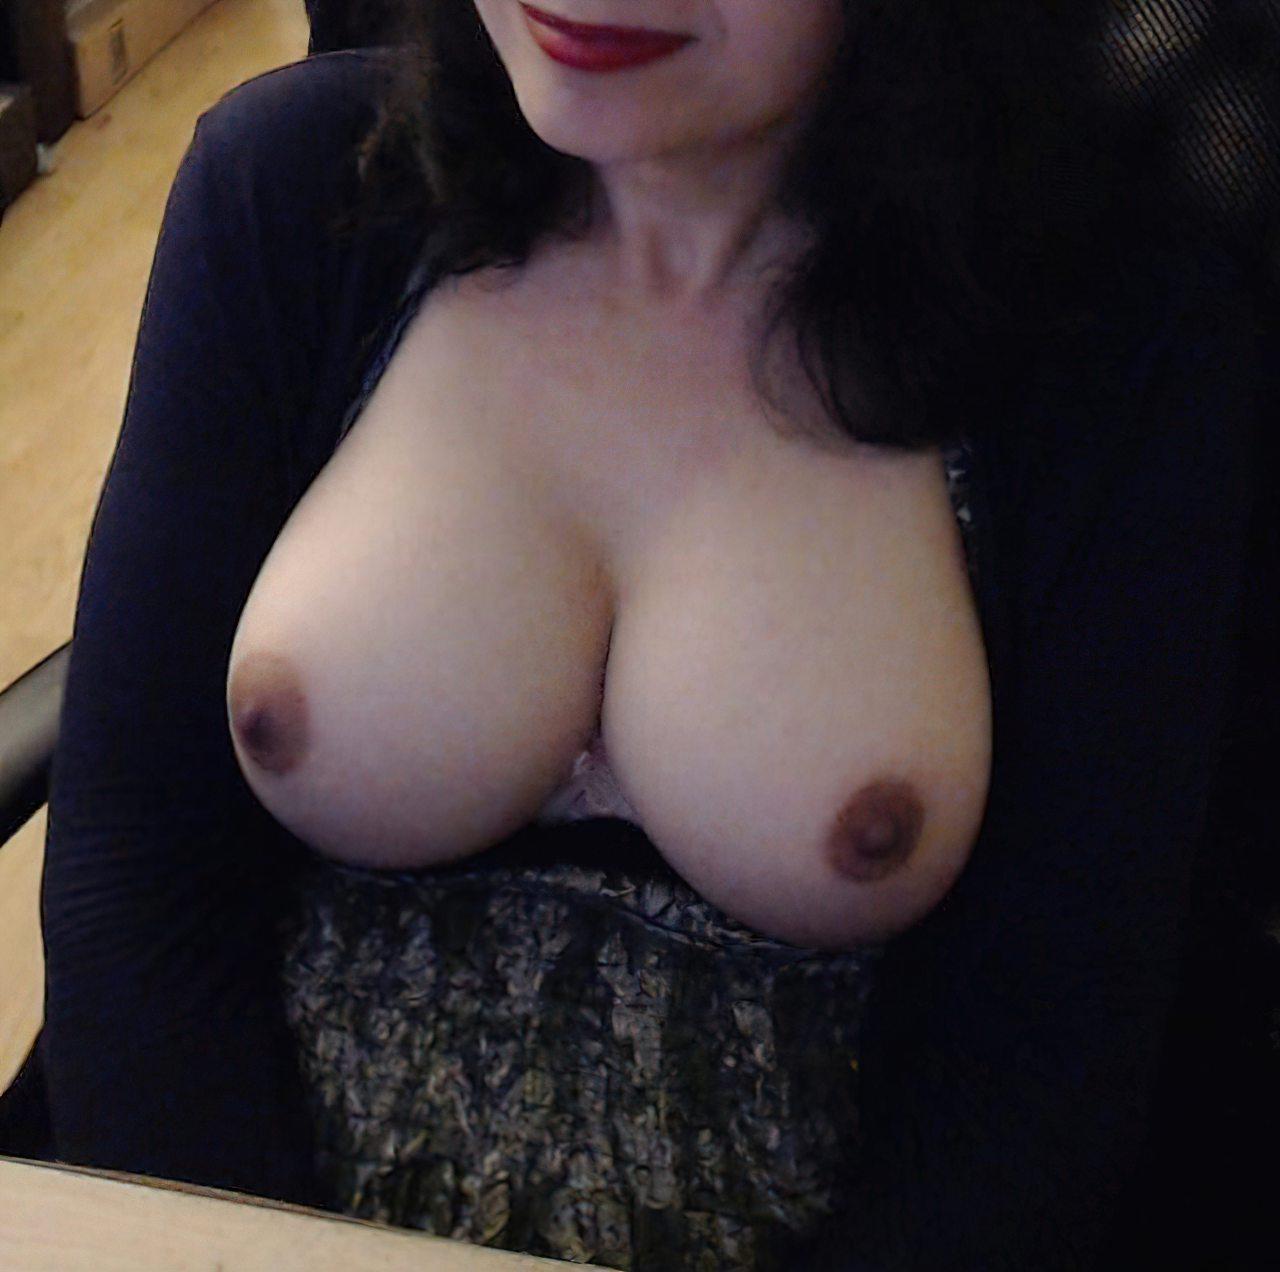 Travesti Feminina Amadora (18)